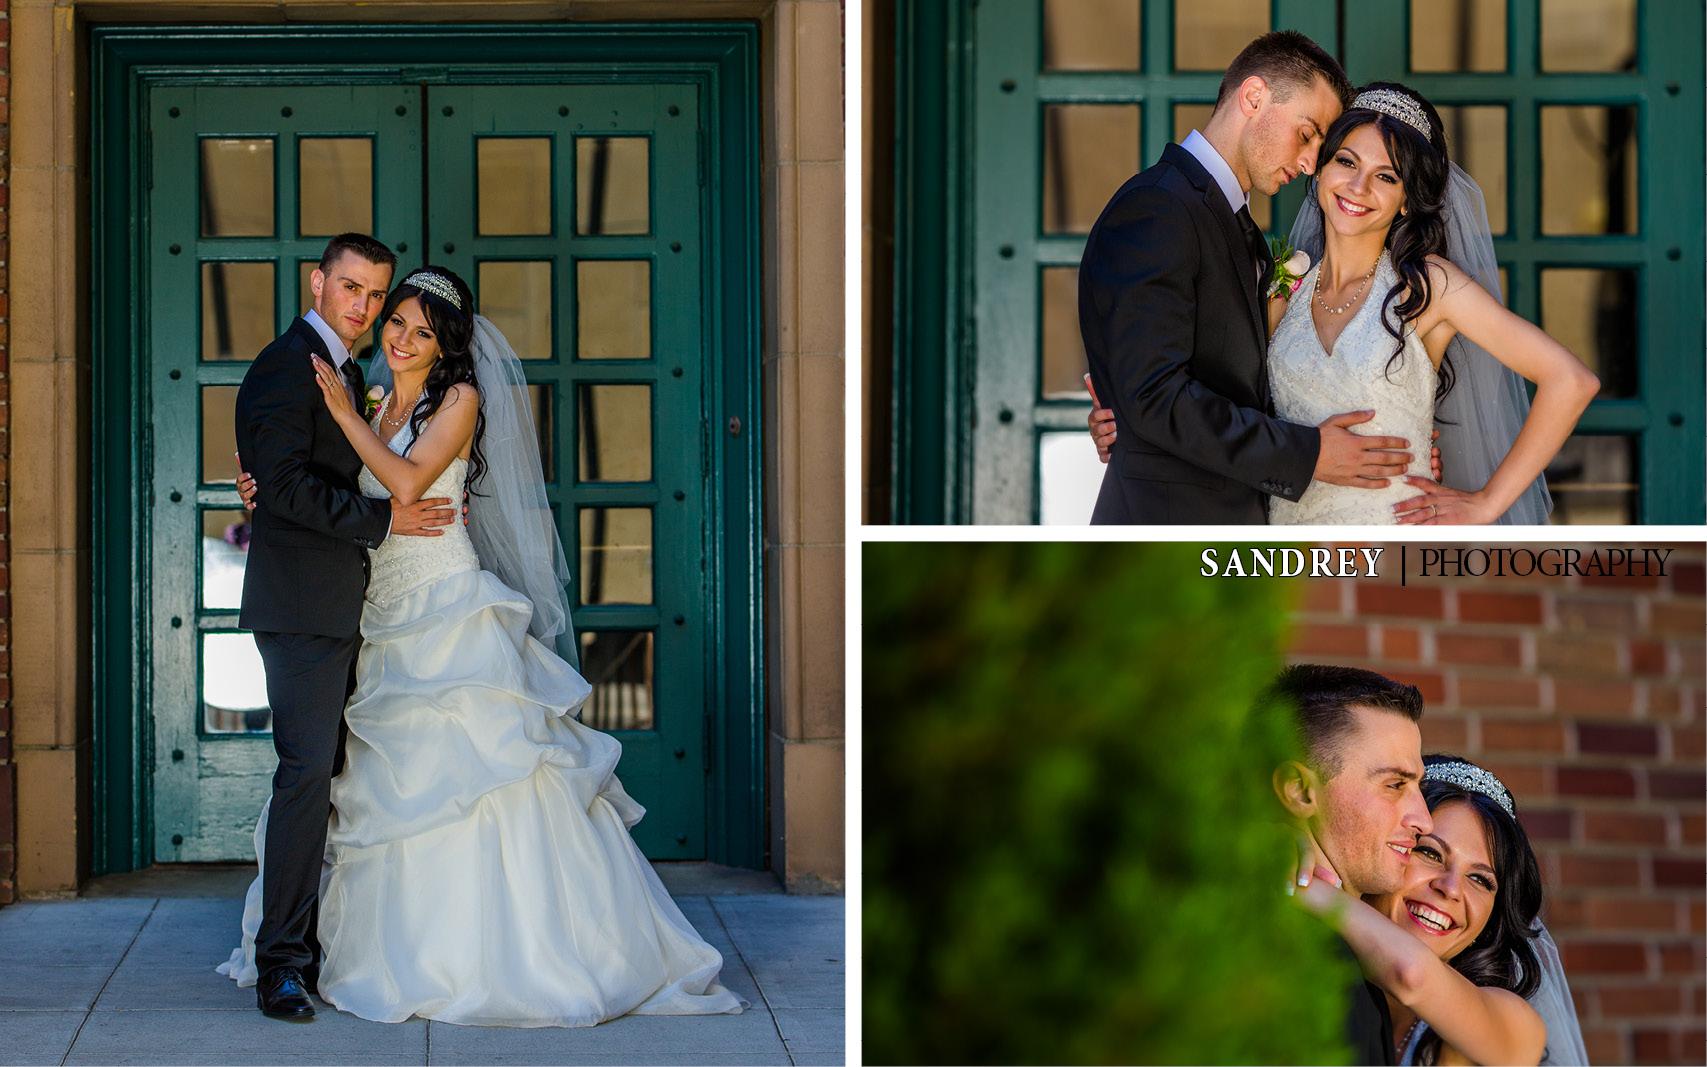 wedding-web-sandreyphotography-II6